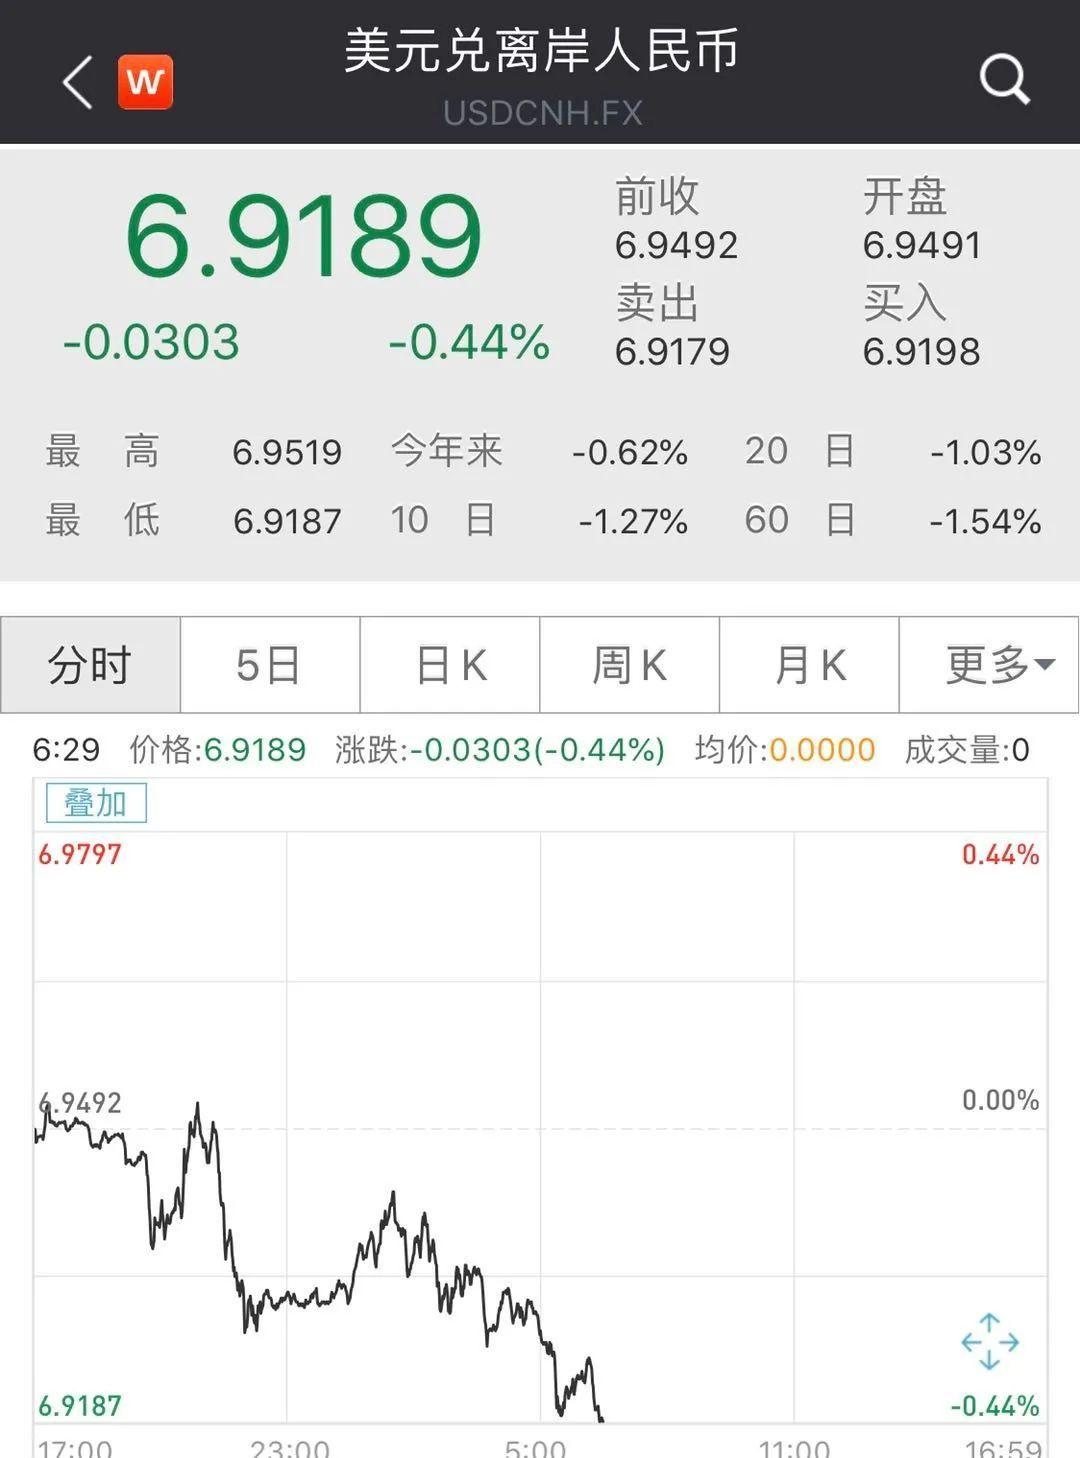 用电脑赚钱:刚刚!人民币狂飙近600点,5日劲升1.4%,降息潮下全球看好中国资产?央行如何抉择,且看最新解读